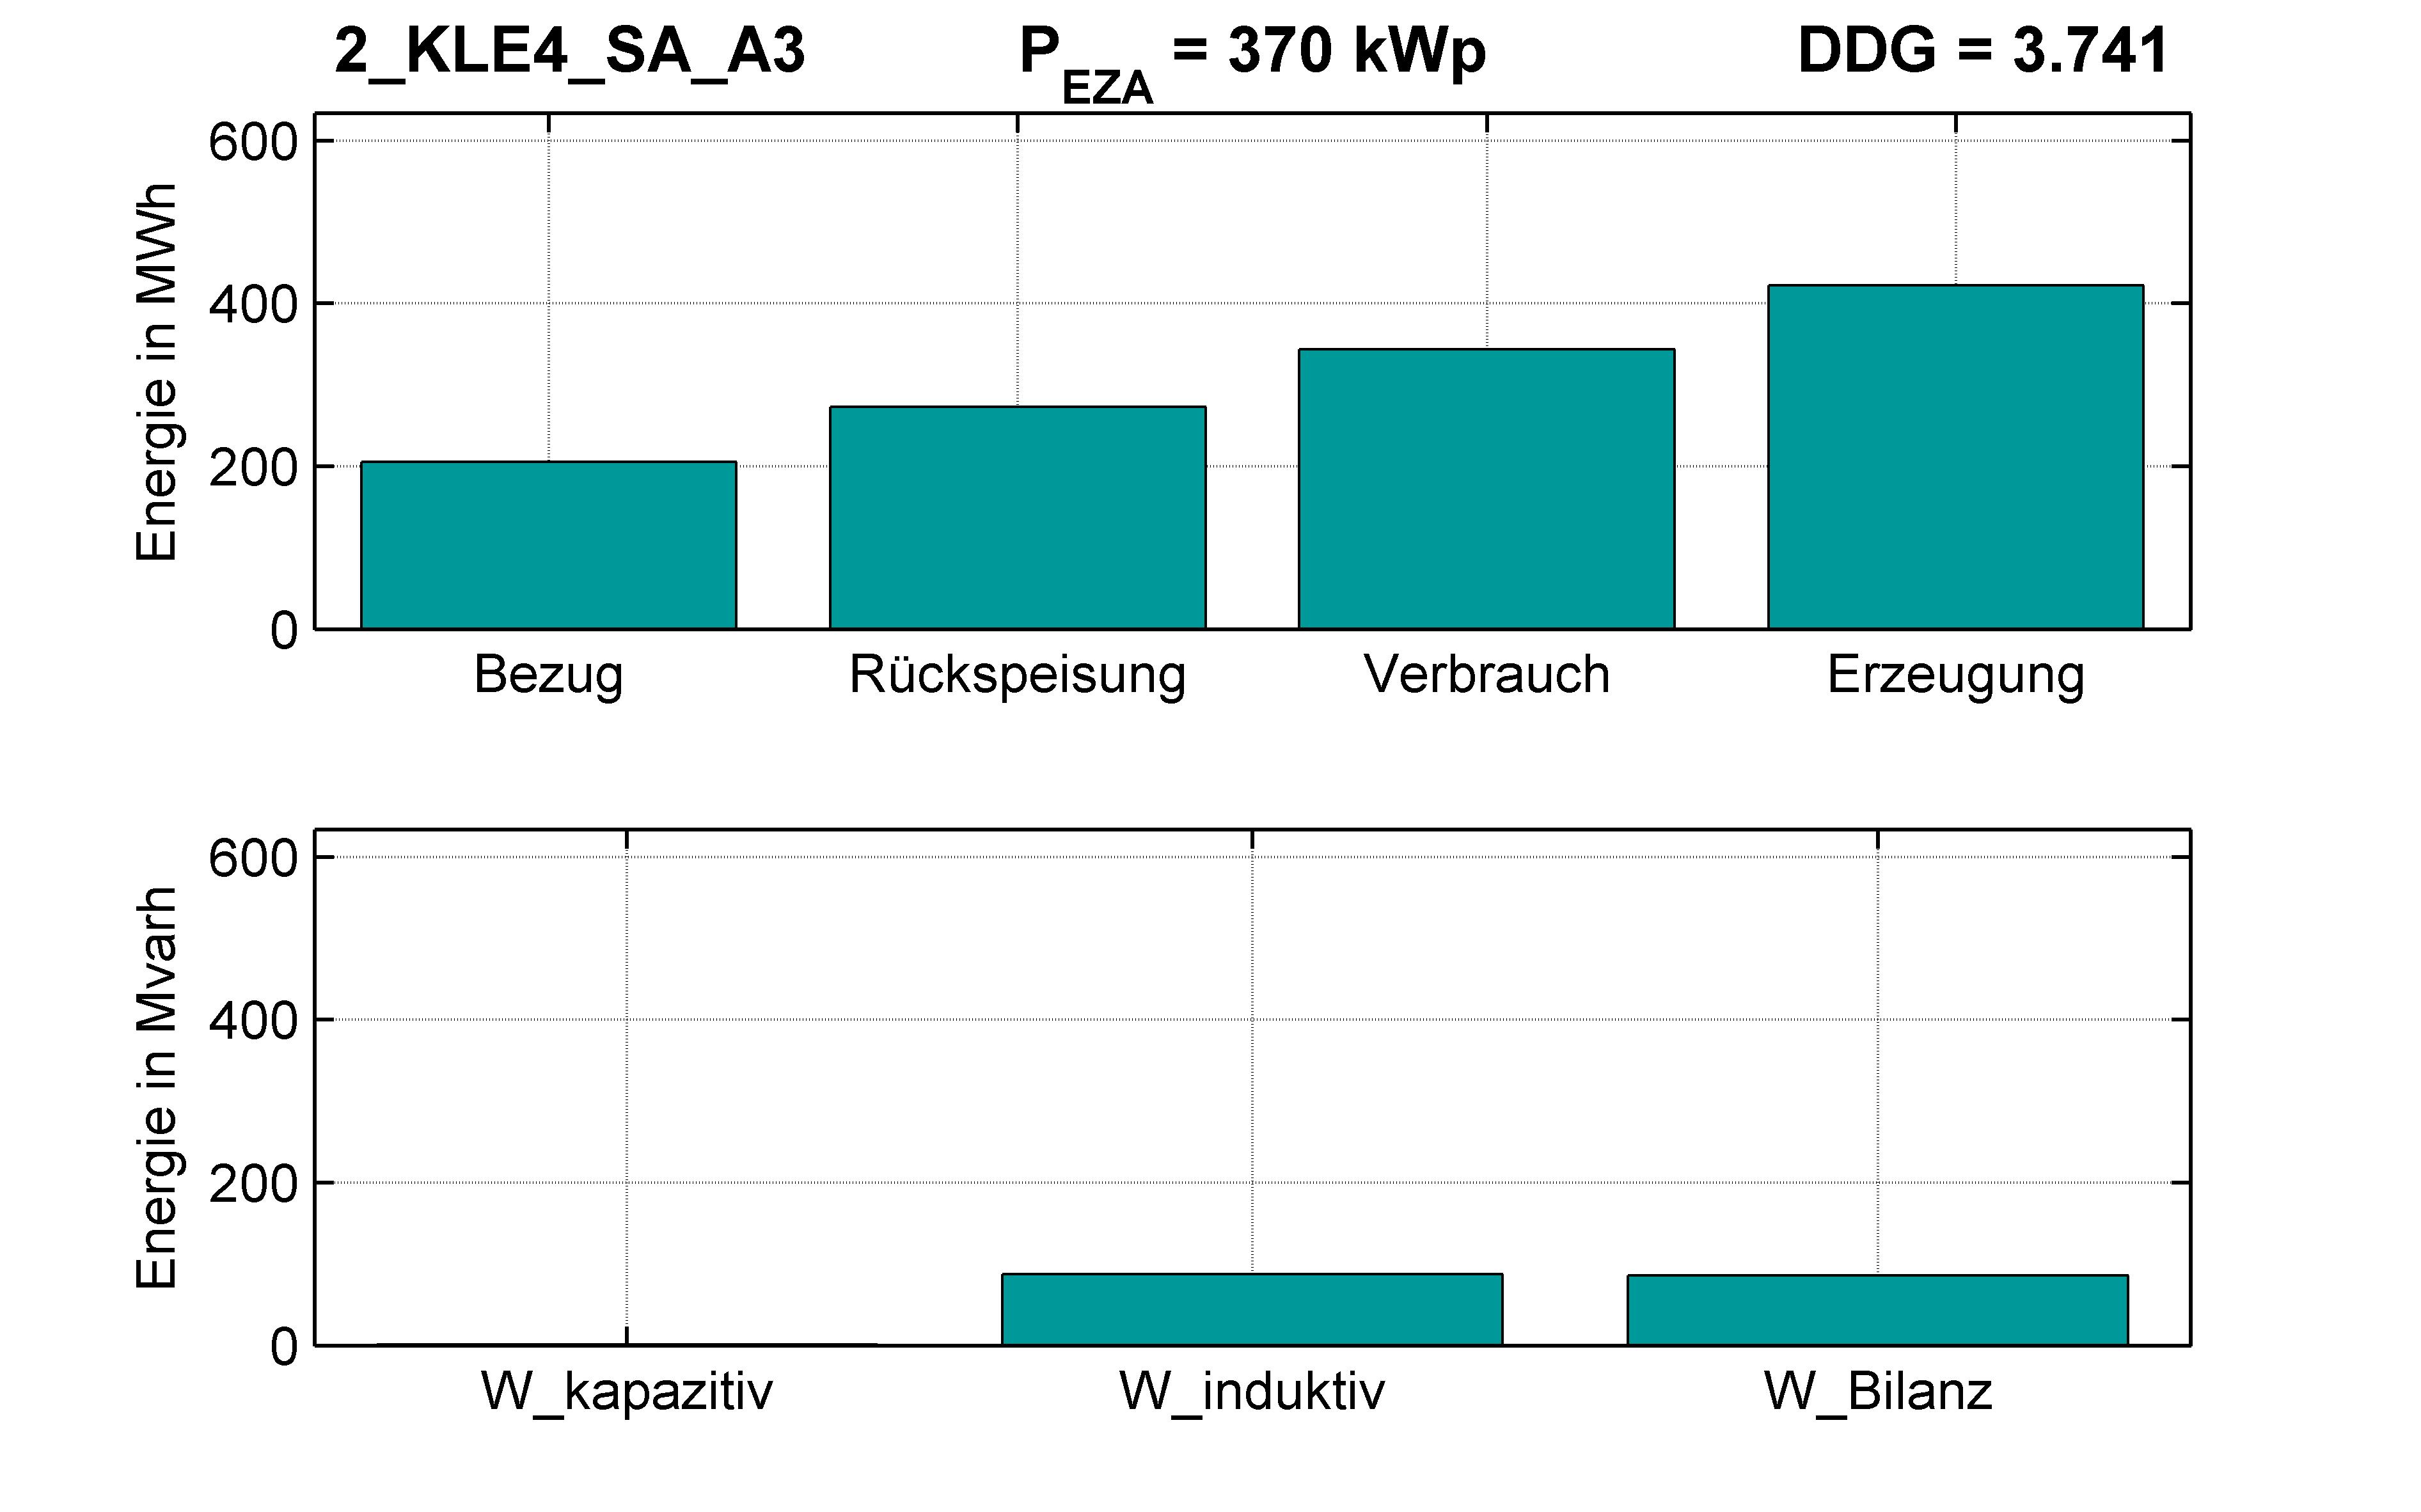 KLE4 | P-Kappung 85% (SA) A3 | PQ-Bilanz